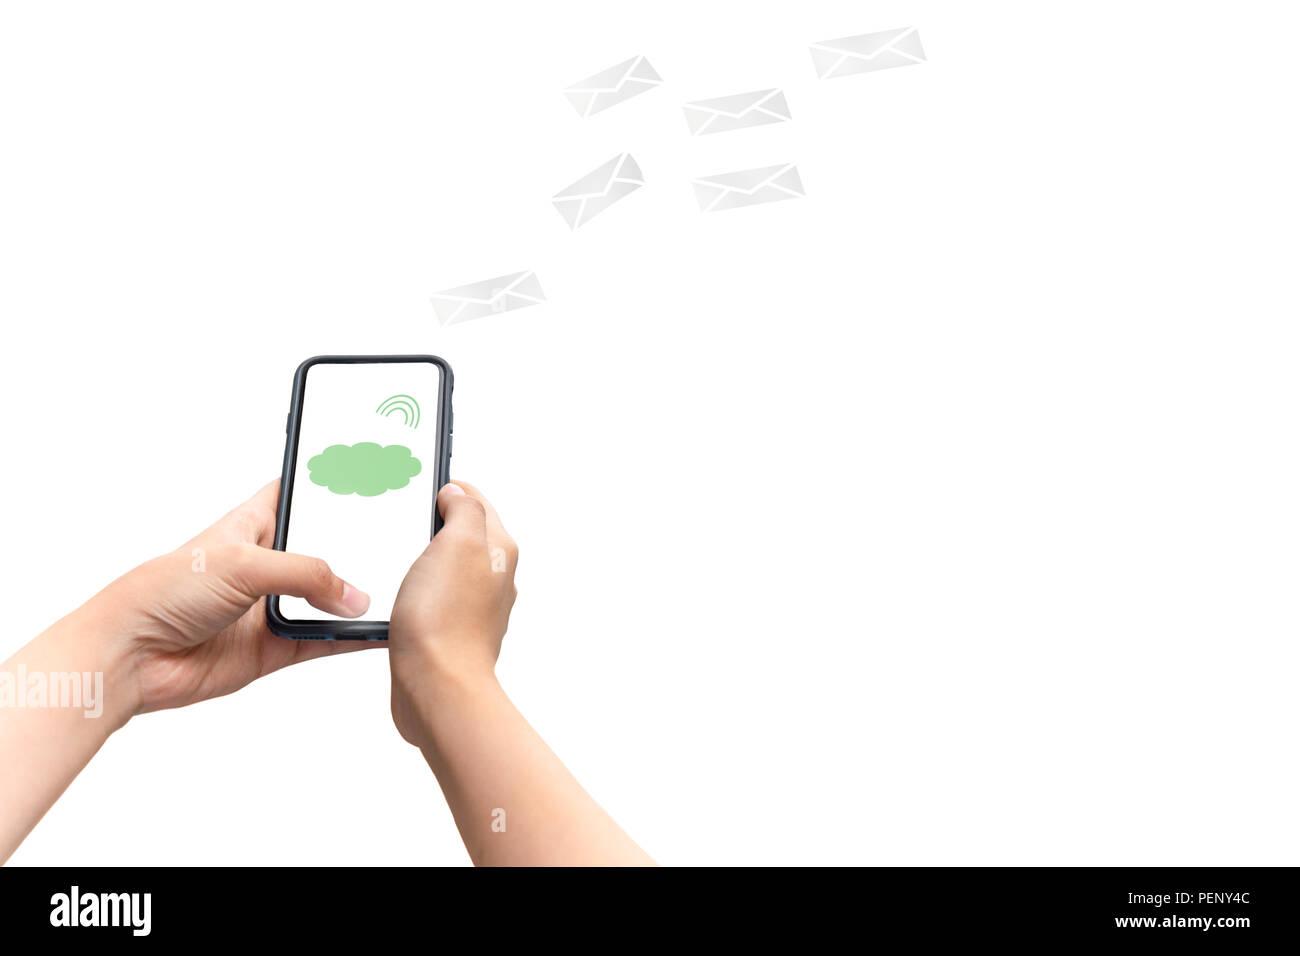 Mano Concettuale Tramite Telefono Cellulare Con Icona Digitale